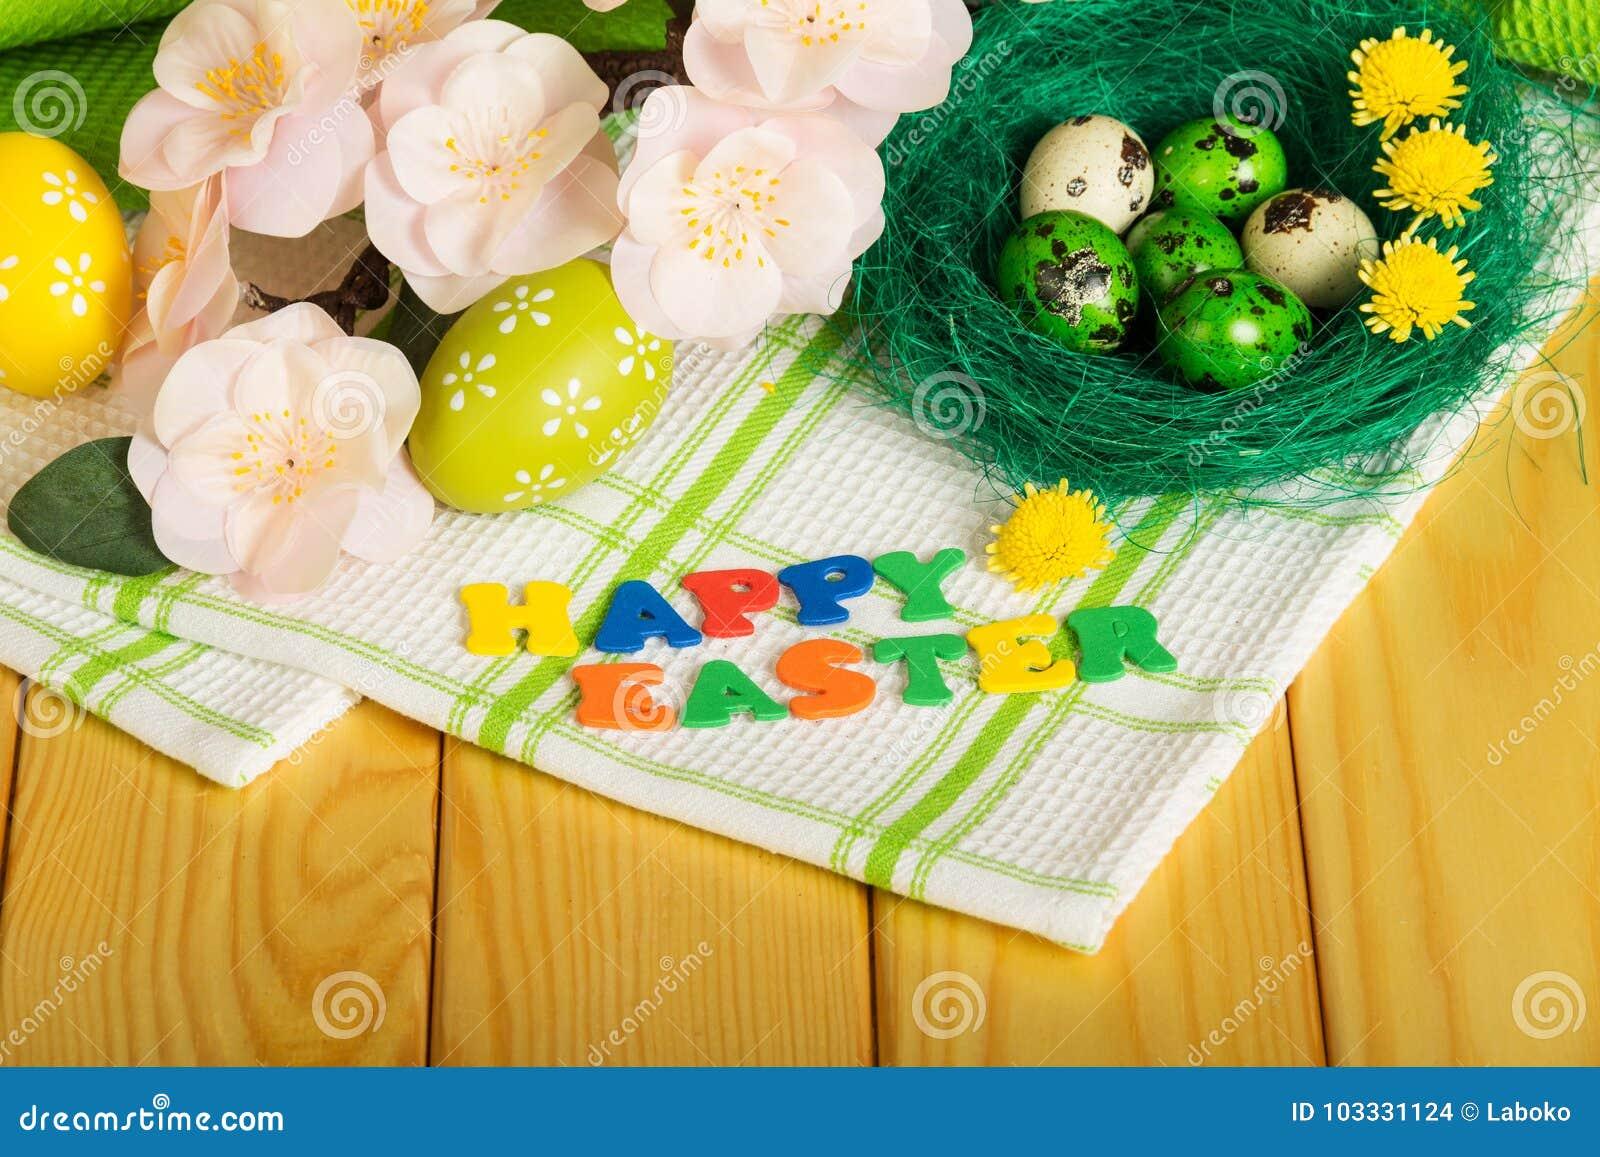 Inscripción PASCUA FELIZ, huevos de Pascua coloreados, flores, toalla